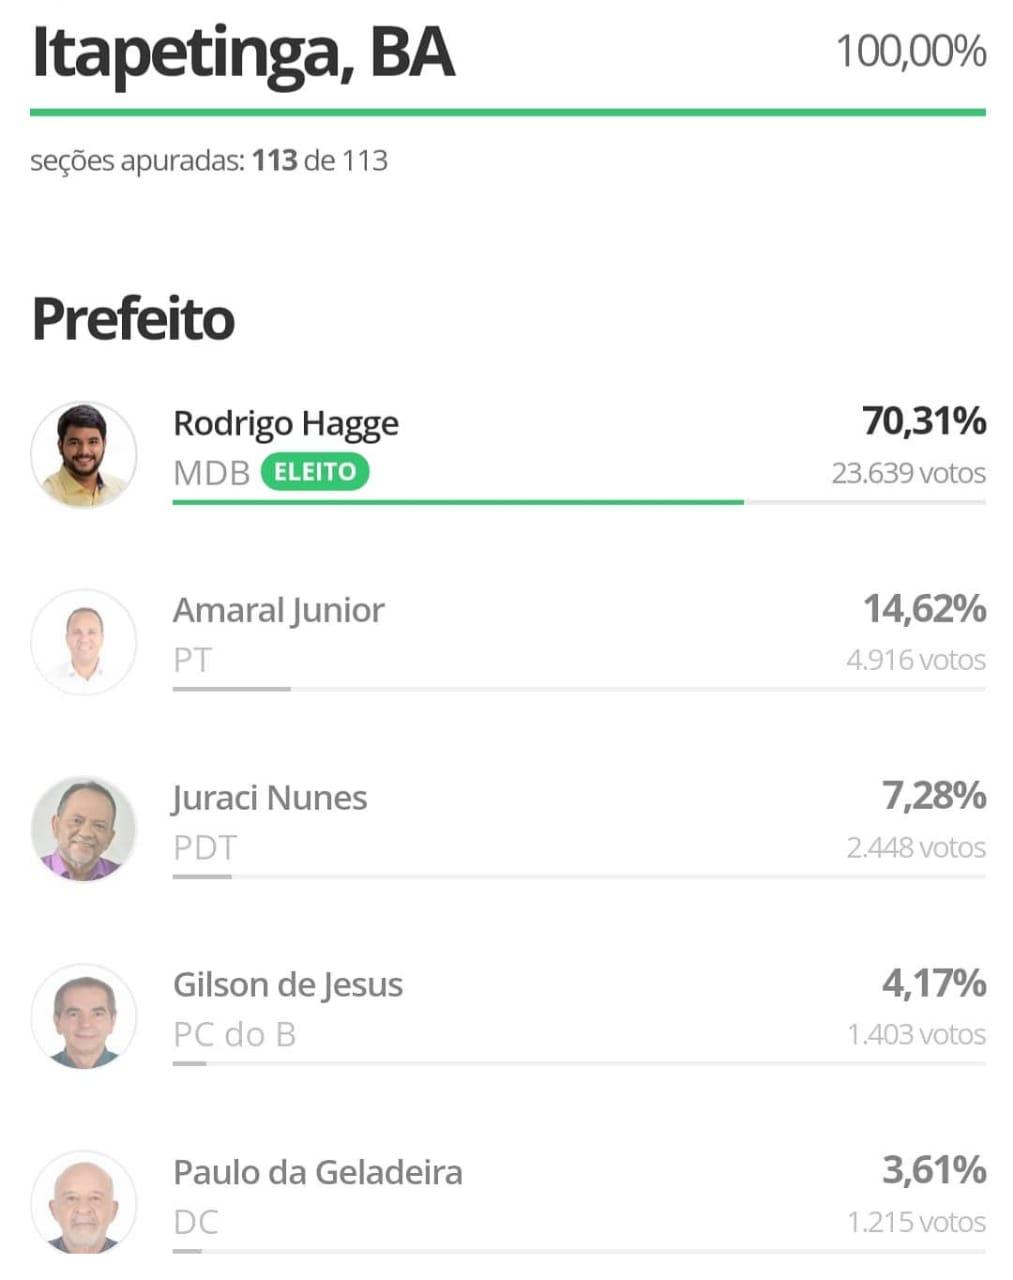 Itapetinga: Rodrigo hagge vence com 23.639 votos e faz maioria na Câmara